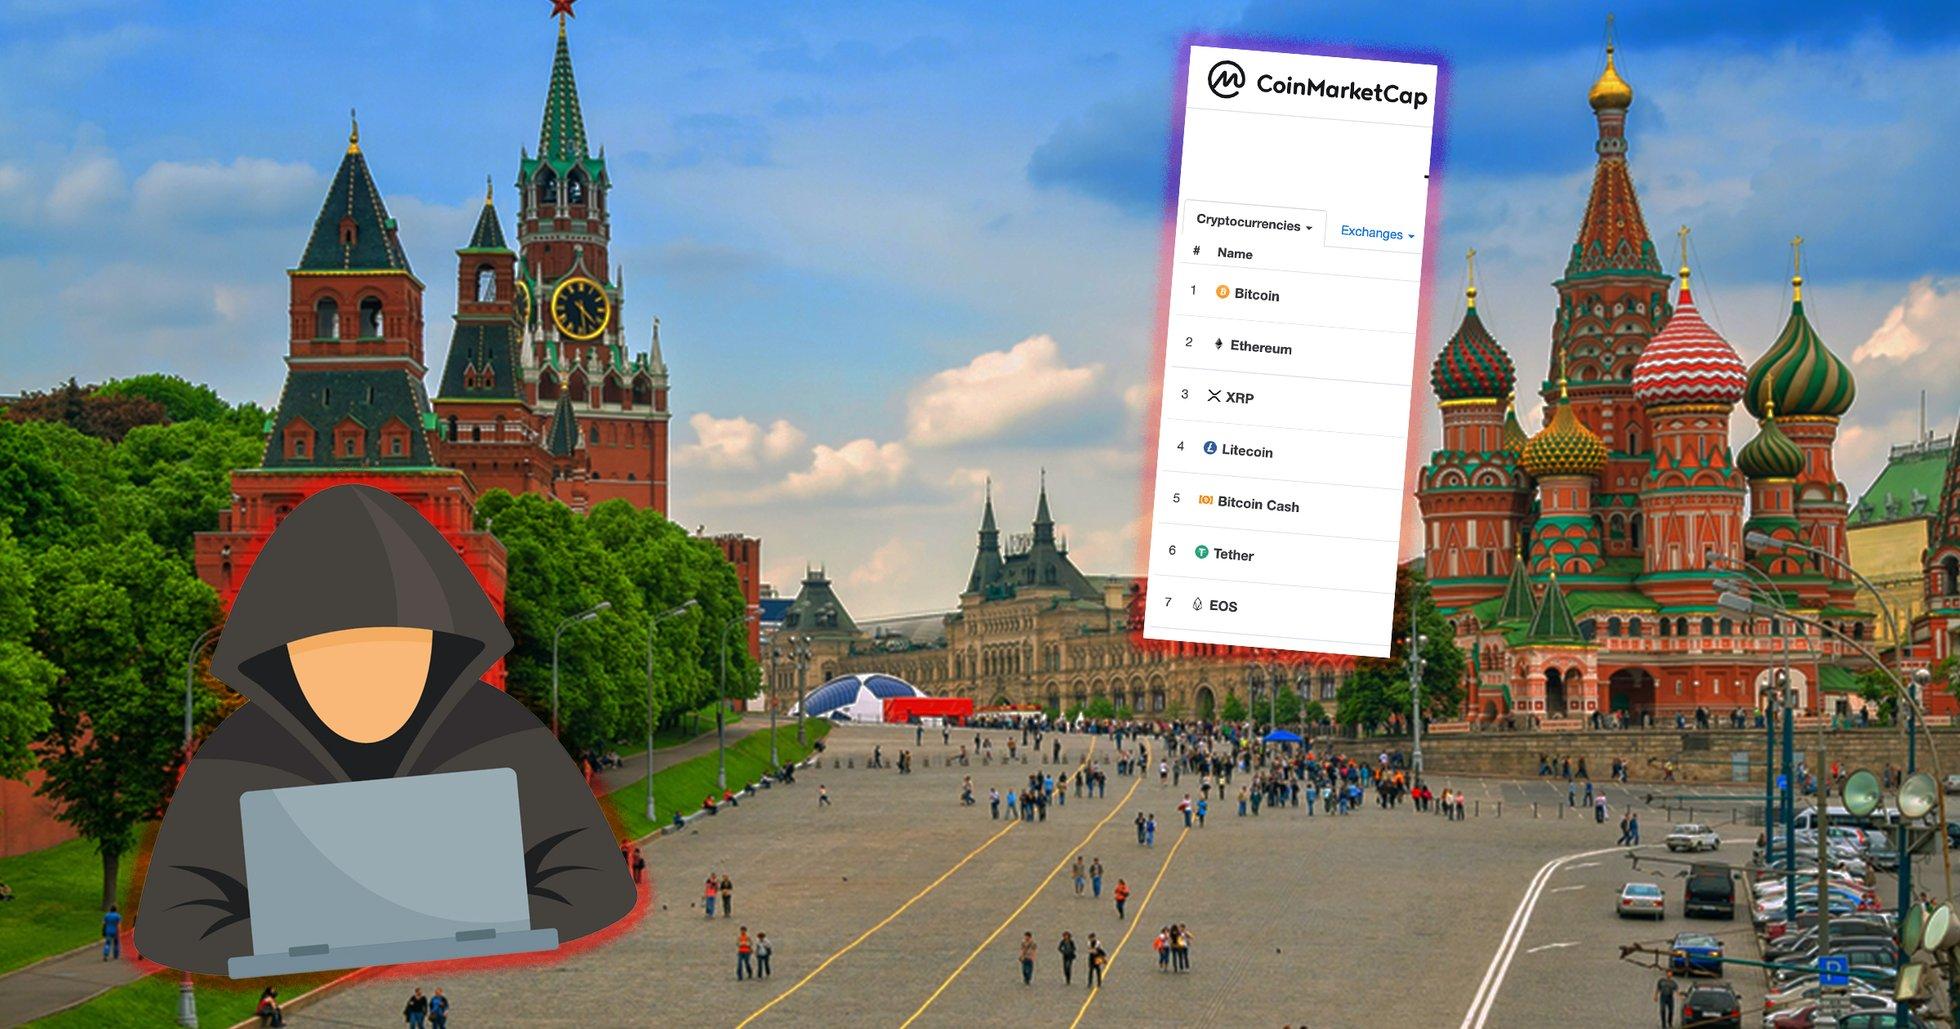 Ryskt företag fejkar kryptovalutors handelsvolym – för 140 000 kronor